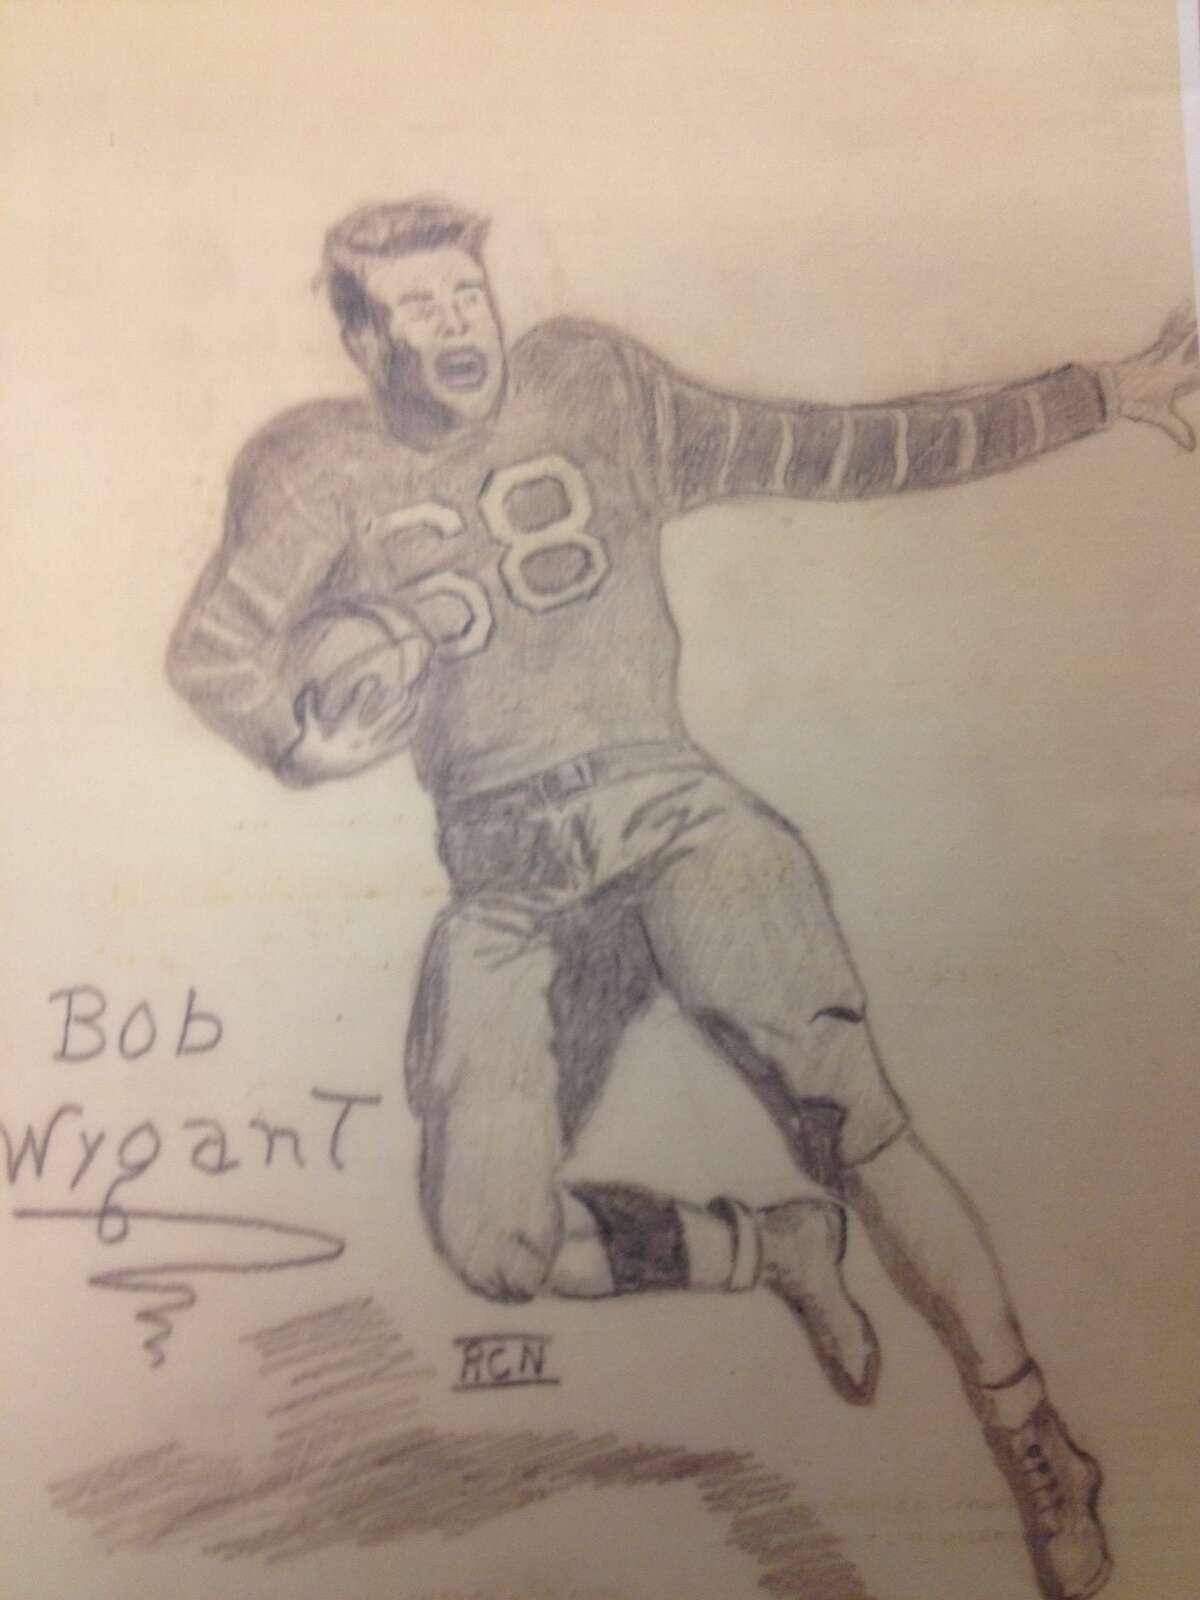 A pencil sketch Richard Case Nagell drew of his buddy, Bob Wygant, a football star at Albany High School. Wygant died at 92 on Sept. 11, 2021. (Photo courtesy Bob Wygant).